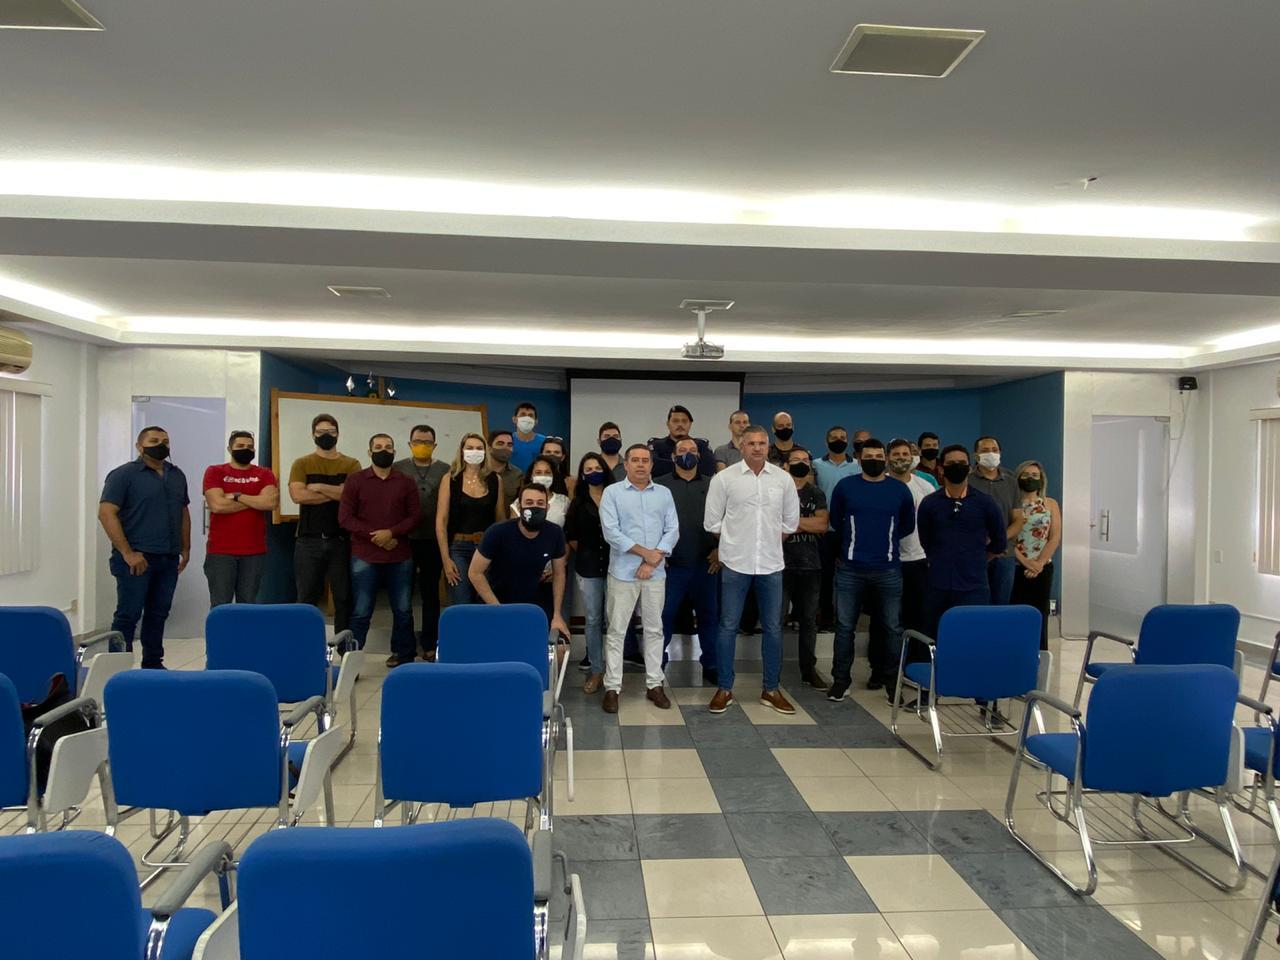 WhatsApp Image 2021 01 08 at 16.15.31 - Secretário de Segurança Pública de JP João Almeida, se reúne com Guardas Municipais para apresentar projetos da gestão